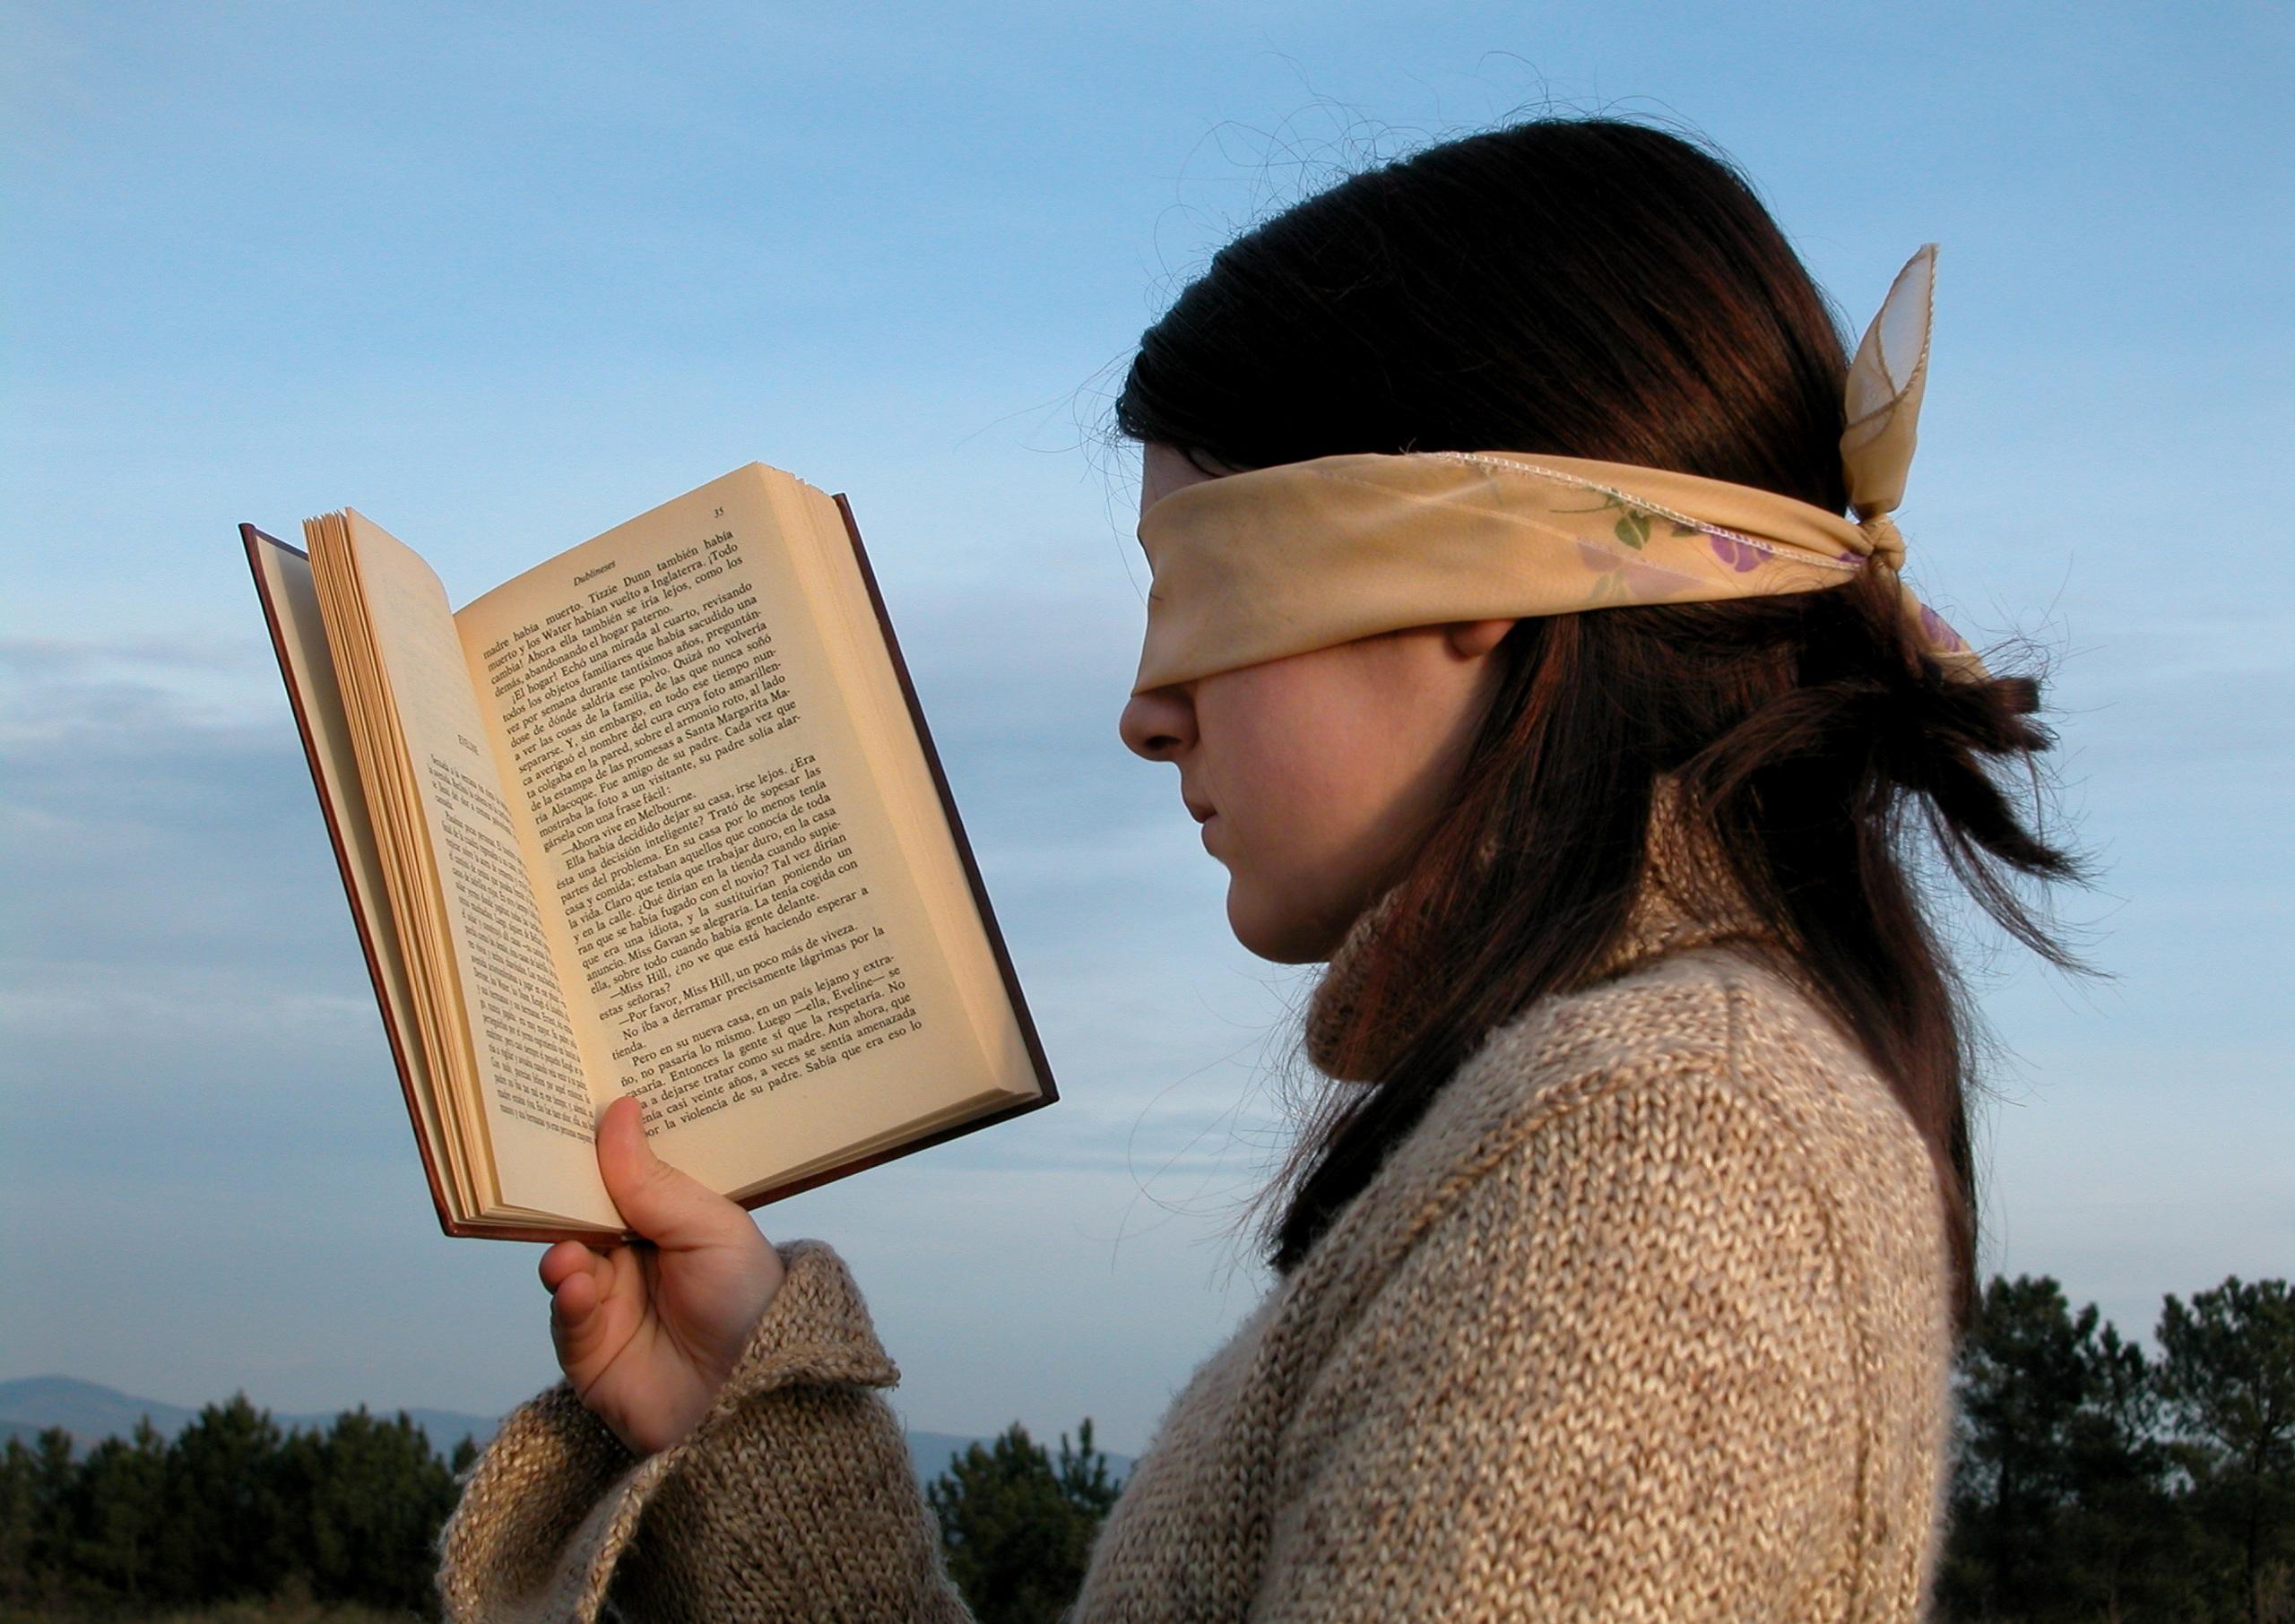 Les mots à la bouche – Association lecture à voix haute